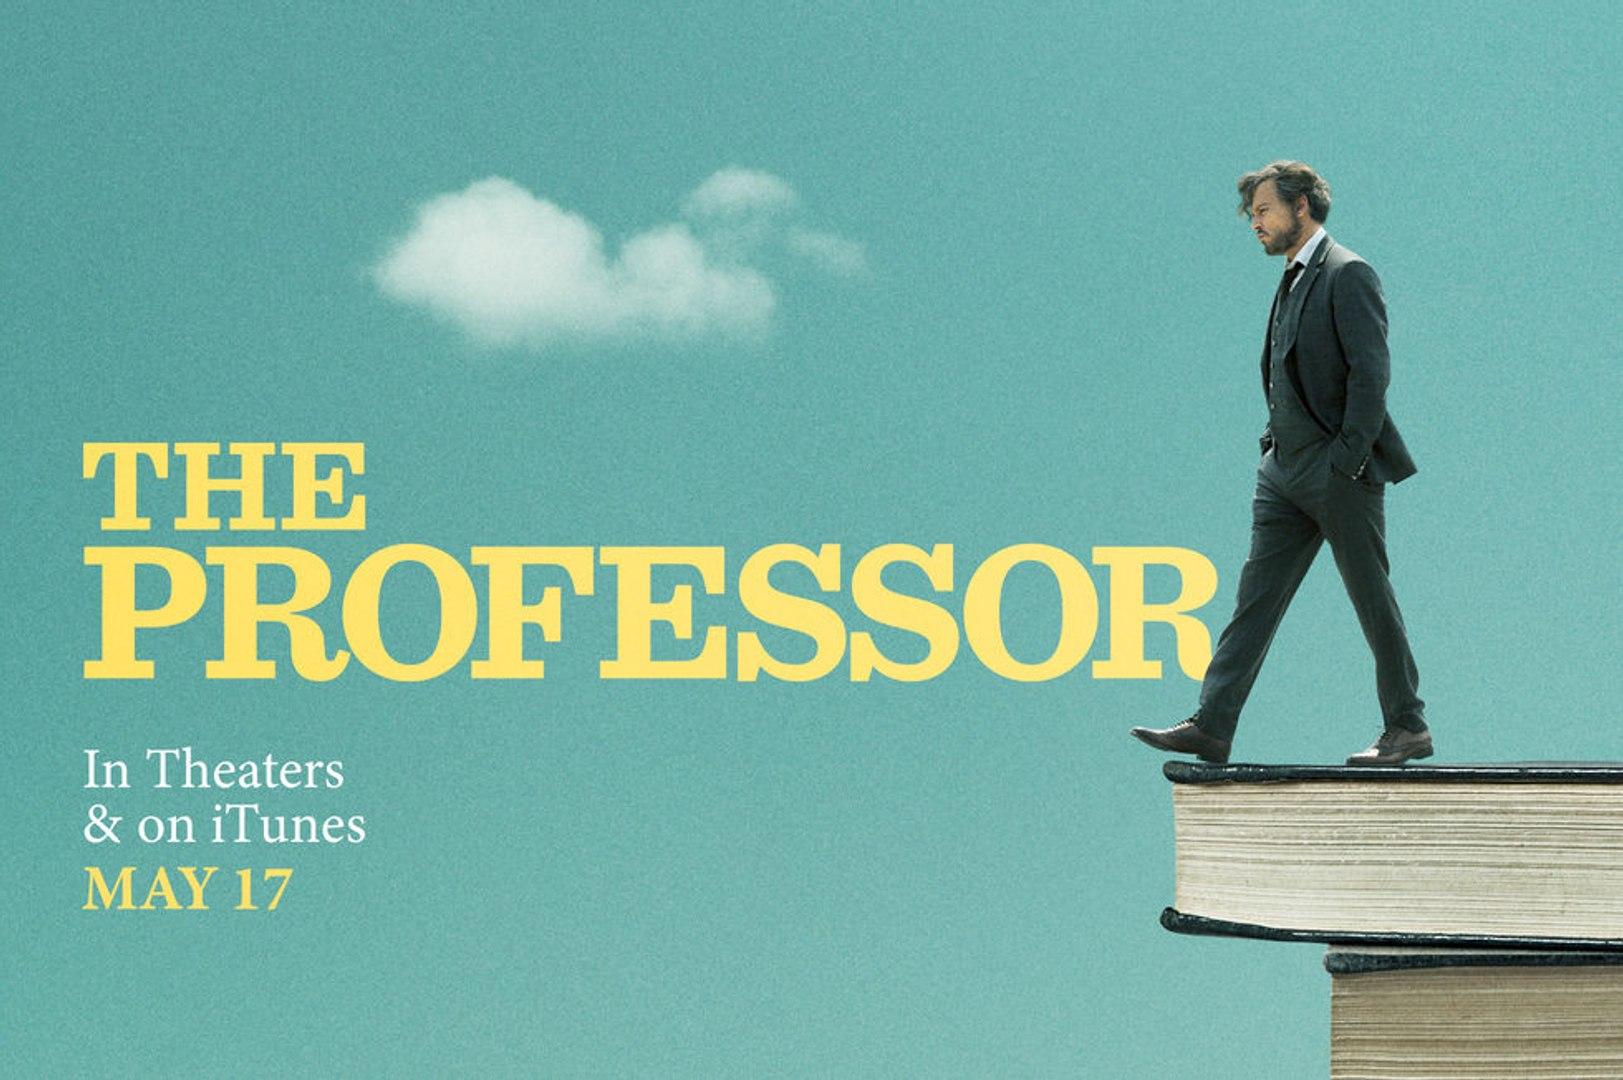 پروفسور